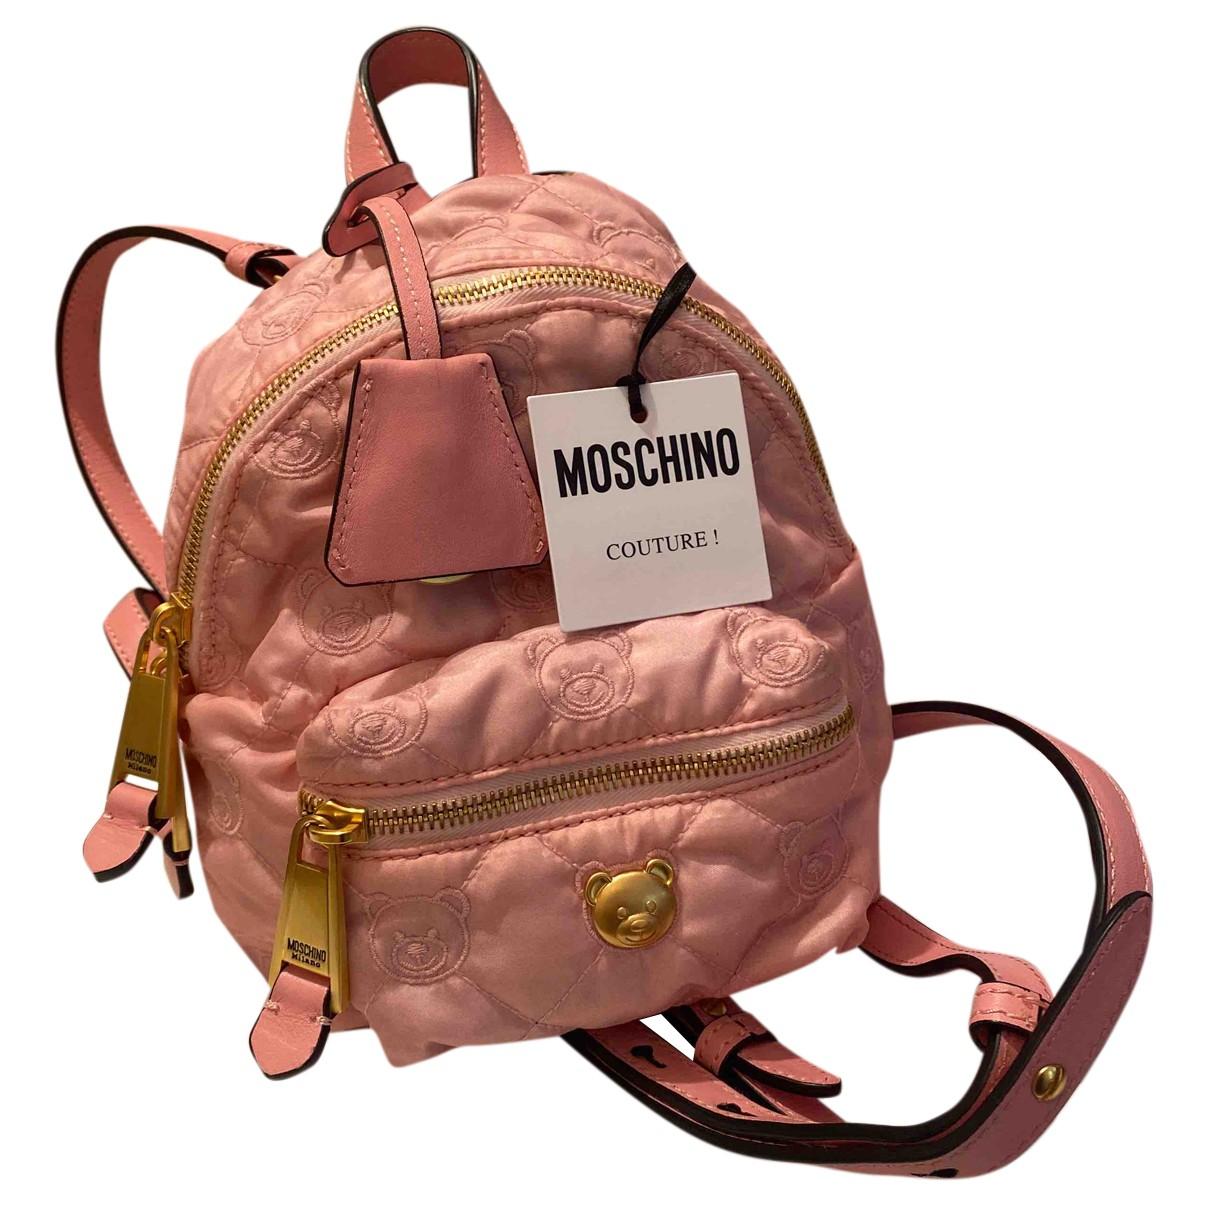 Moschino - Sac a dos Biker pour femme - rose